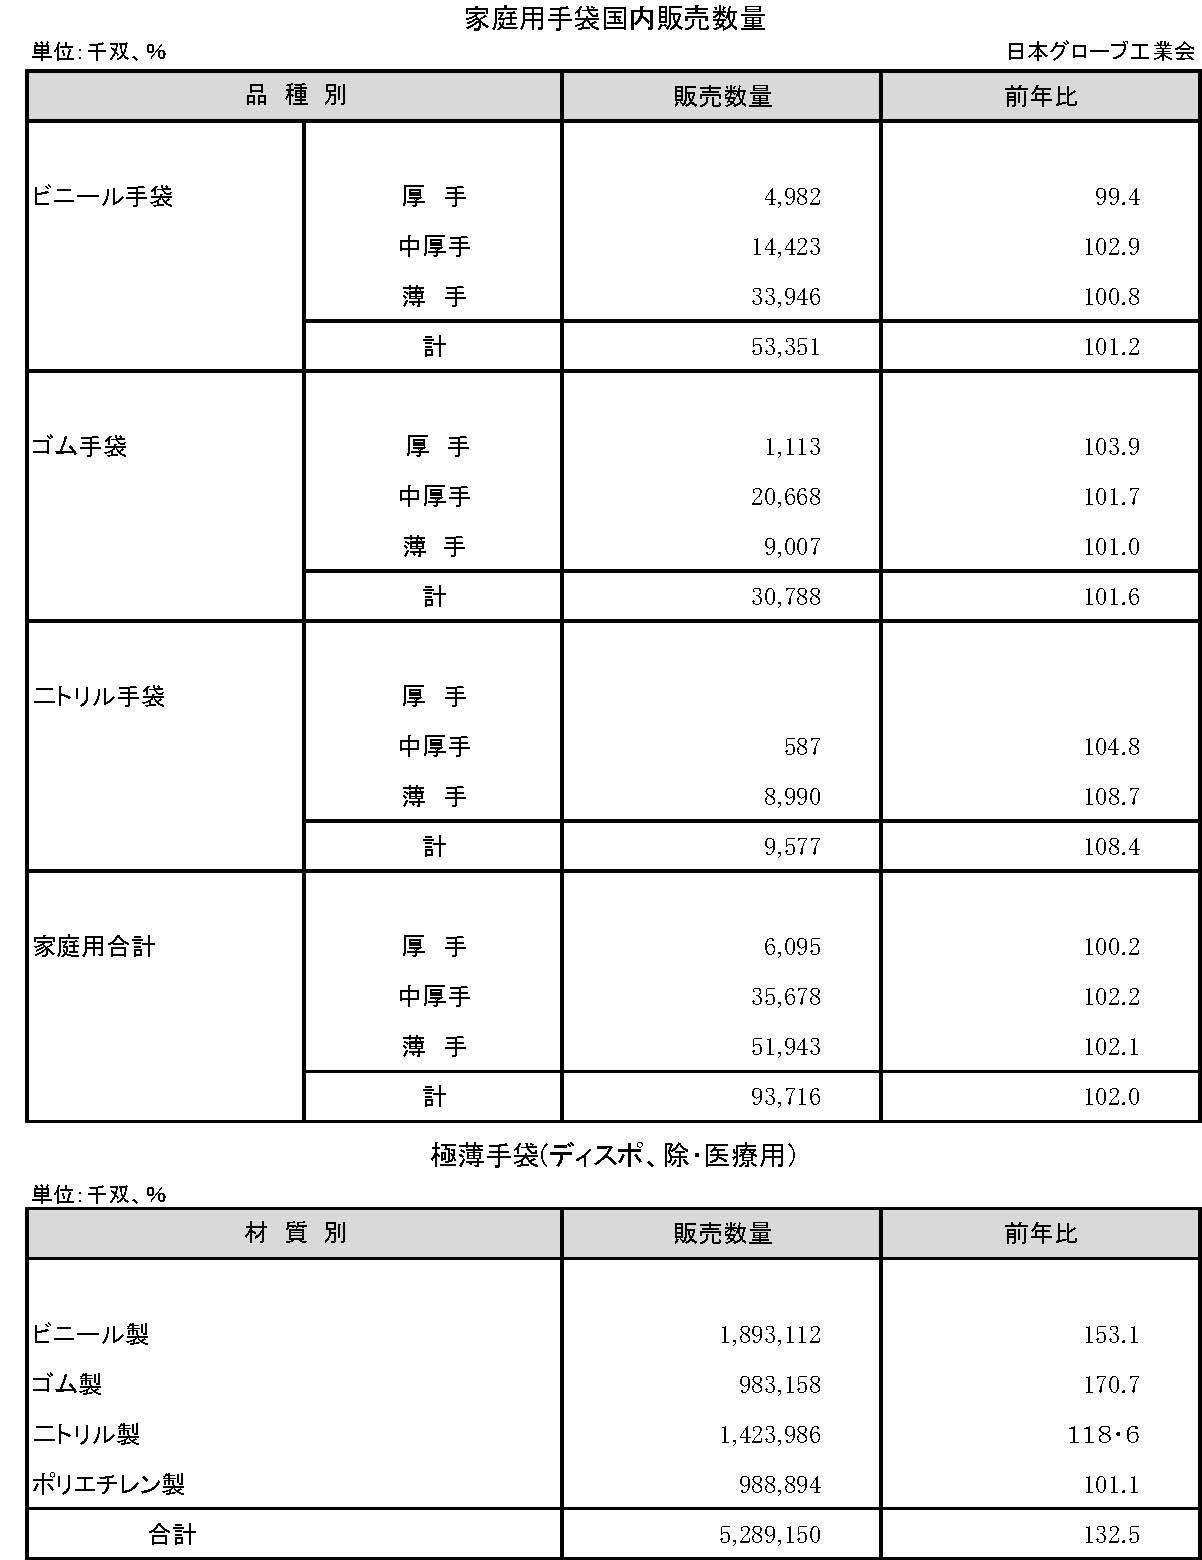 3−14−1 手袋市場規模調査家庭用